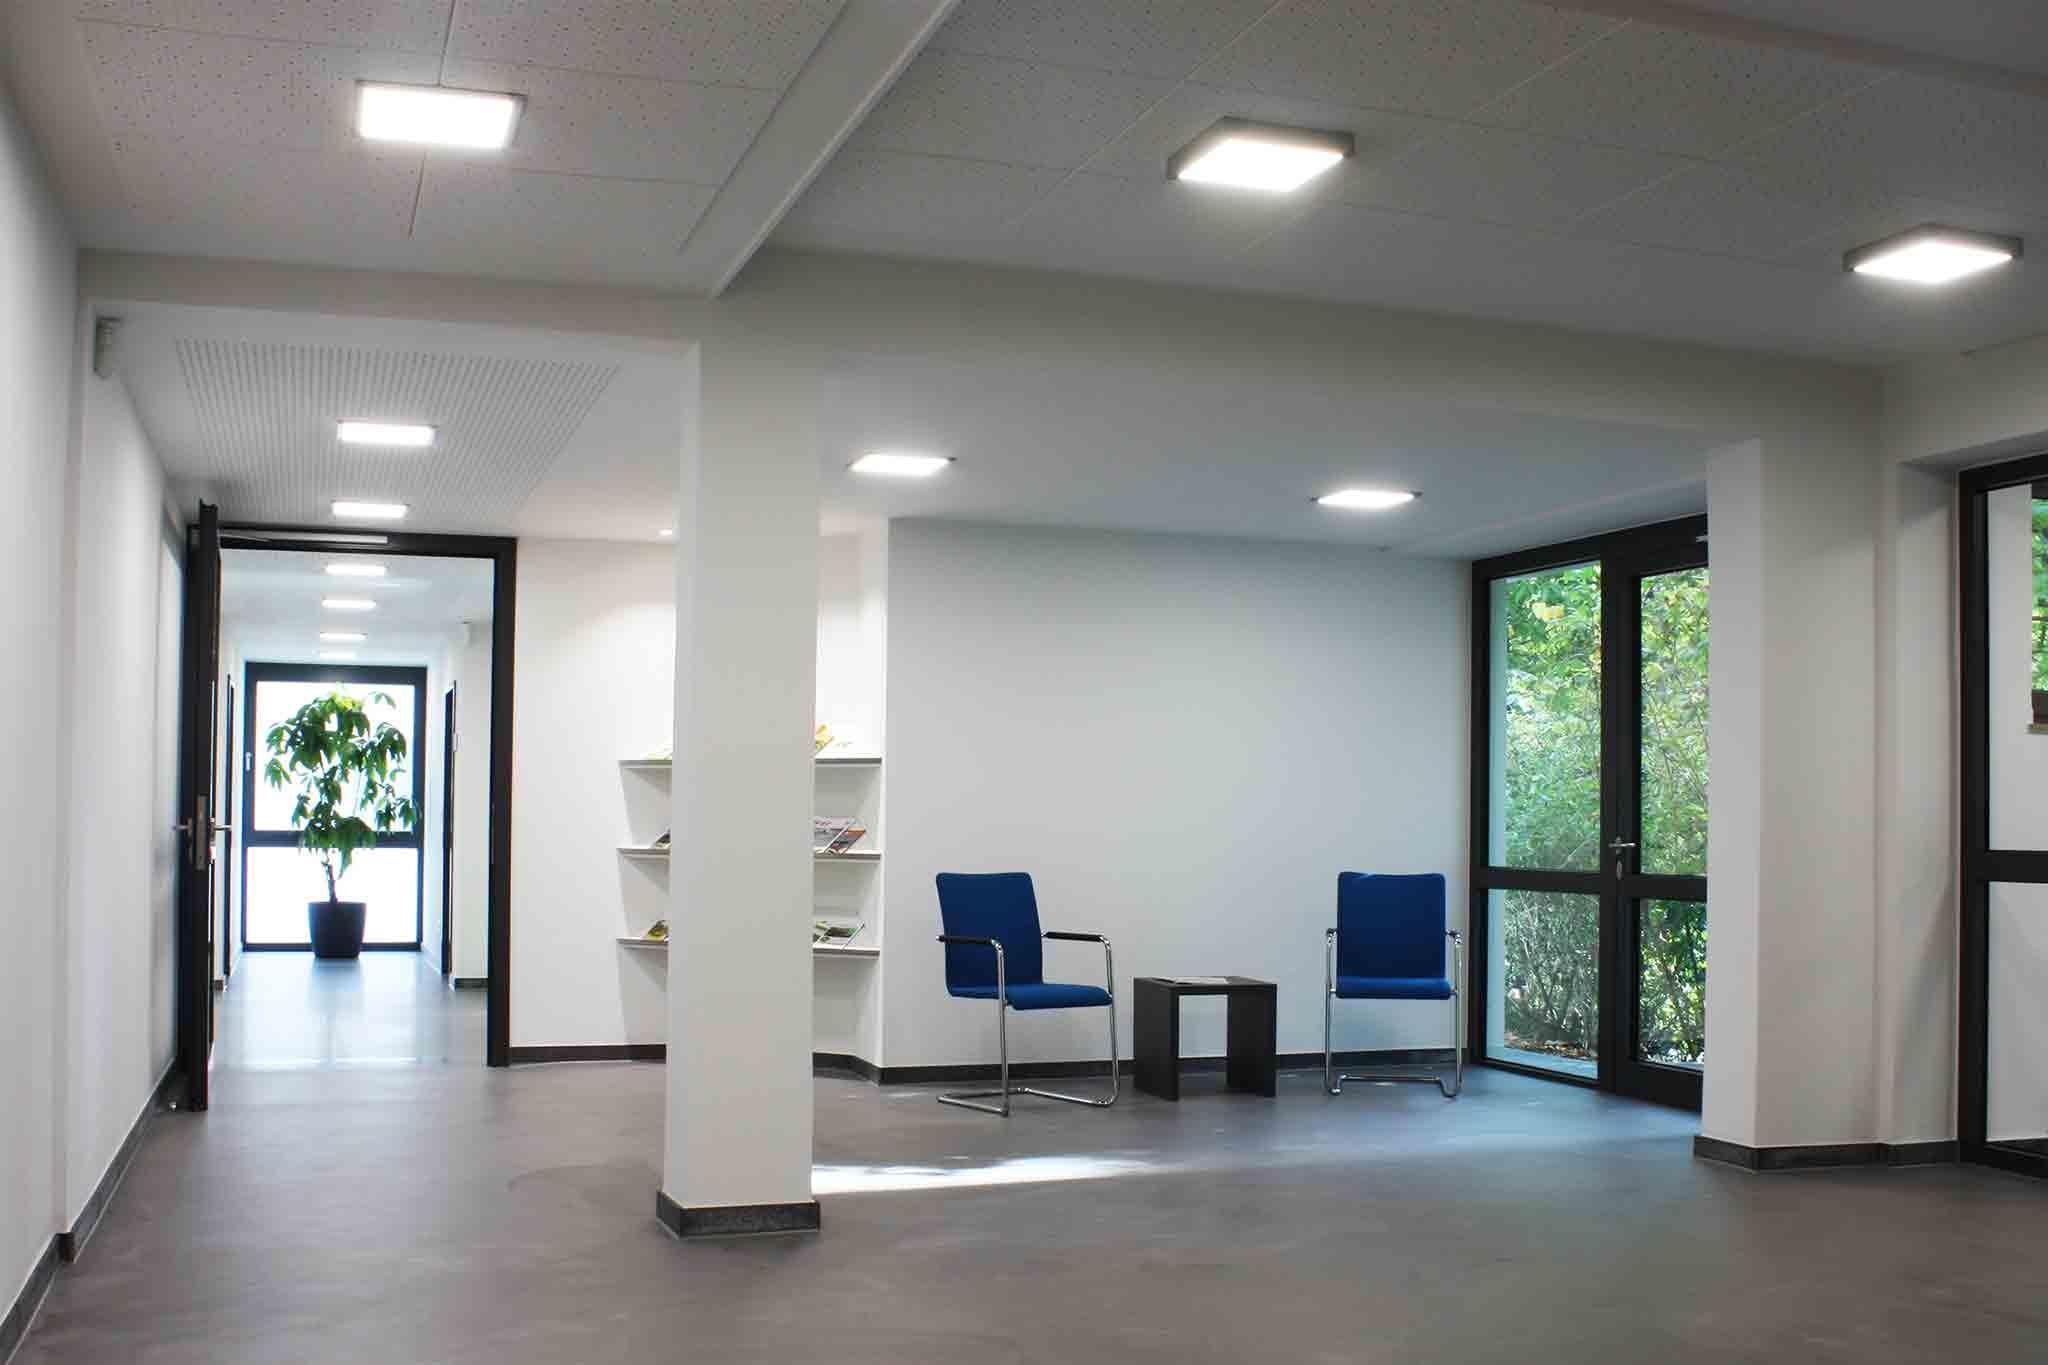 Caritas Geschäftsstelle, Modernisiertes Foyer mit neuer Erweiterung